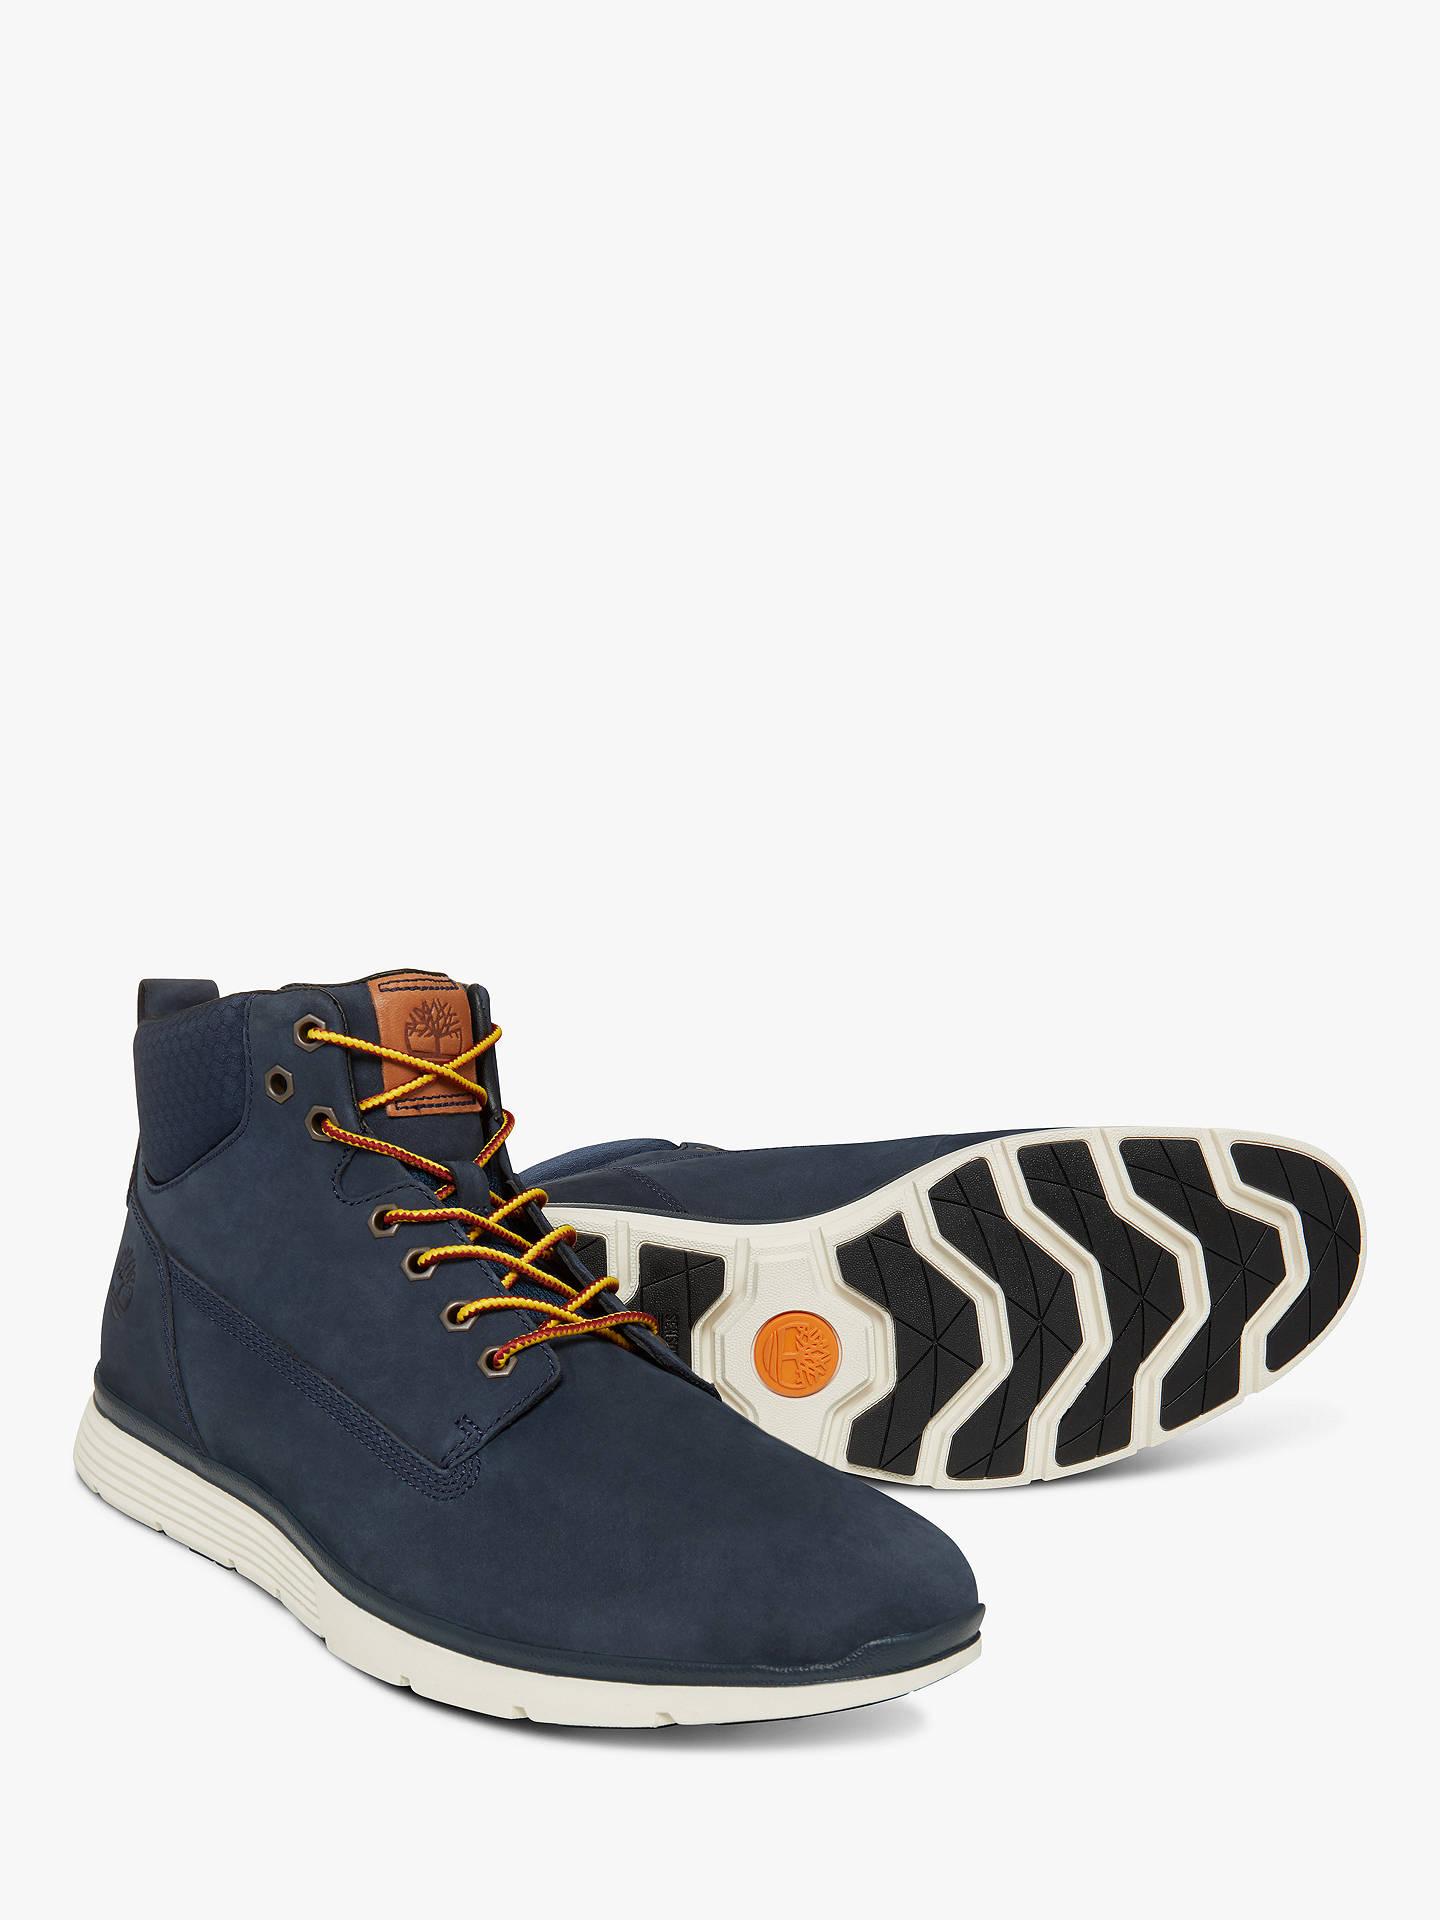 gorące nowe produkty całkowicie stylowy sklep internetowy Timberland Killington 6-inch Boots, Black Iris at John Lewis ...